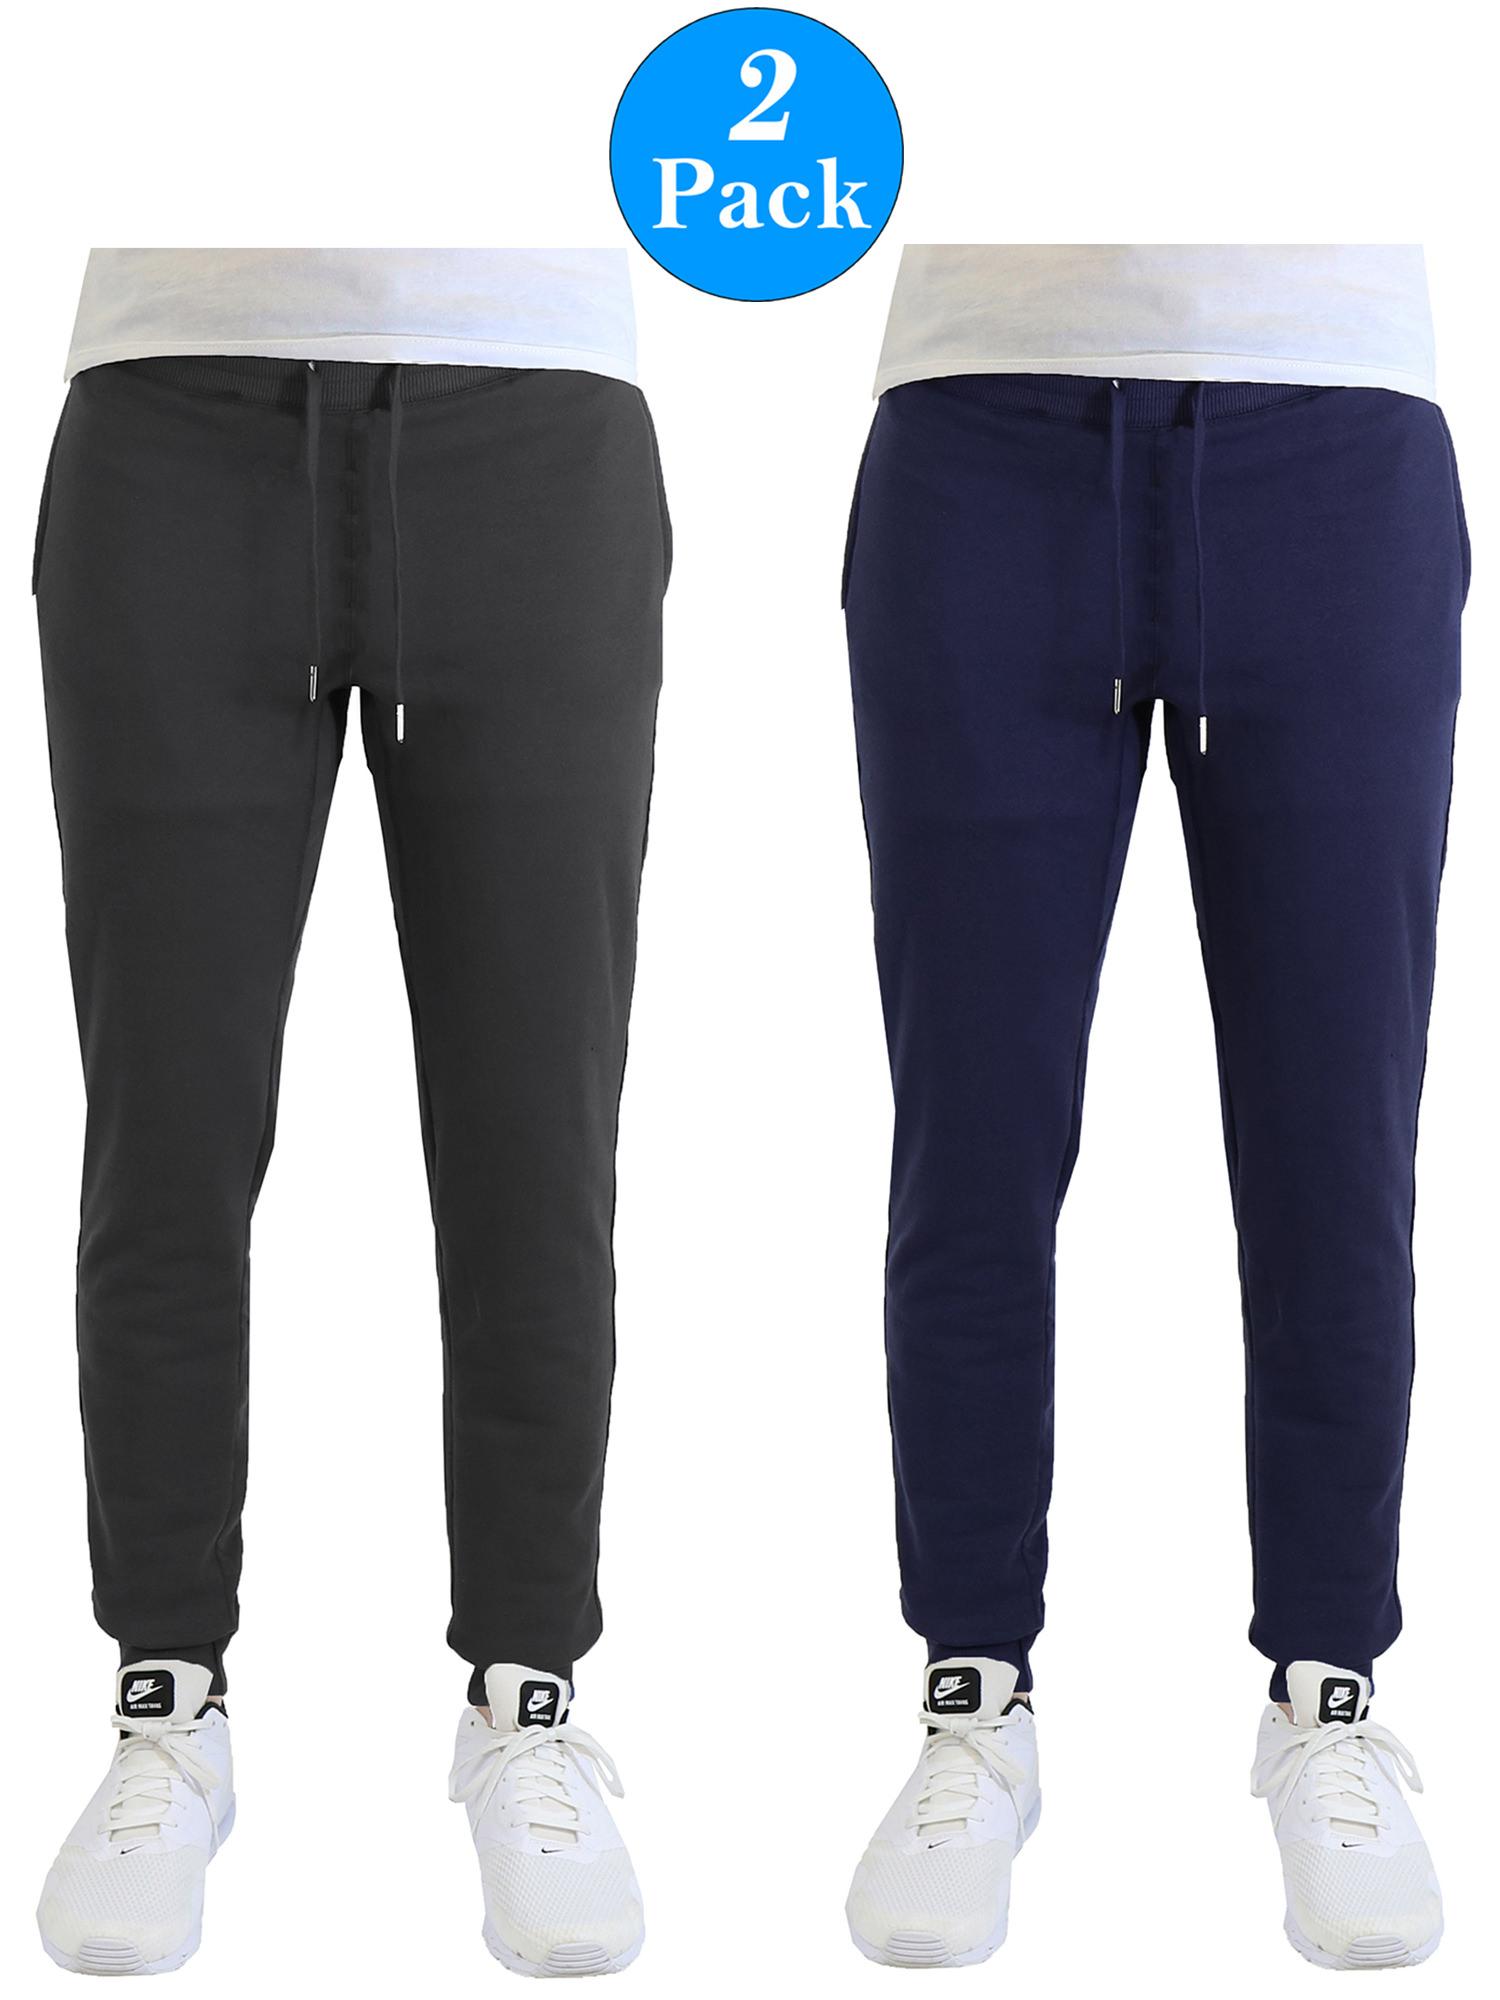 Men's Soft-Fleece Joggers With Zipper Pockets (2-Pack)